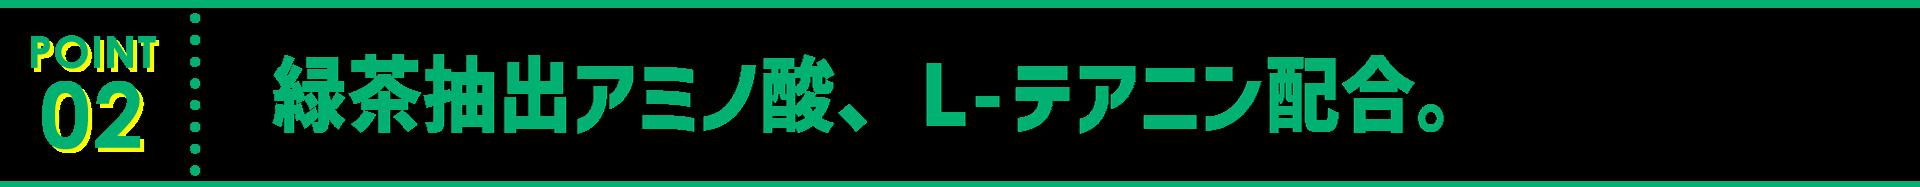 緑茶抽出アミノ酸、L-テアニン配合。